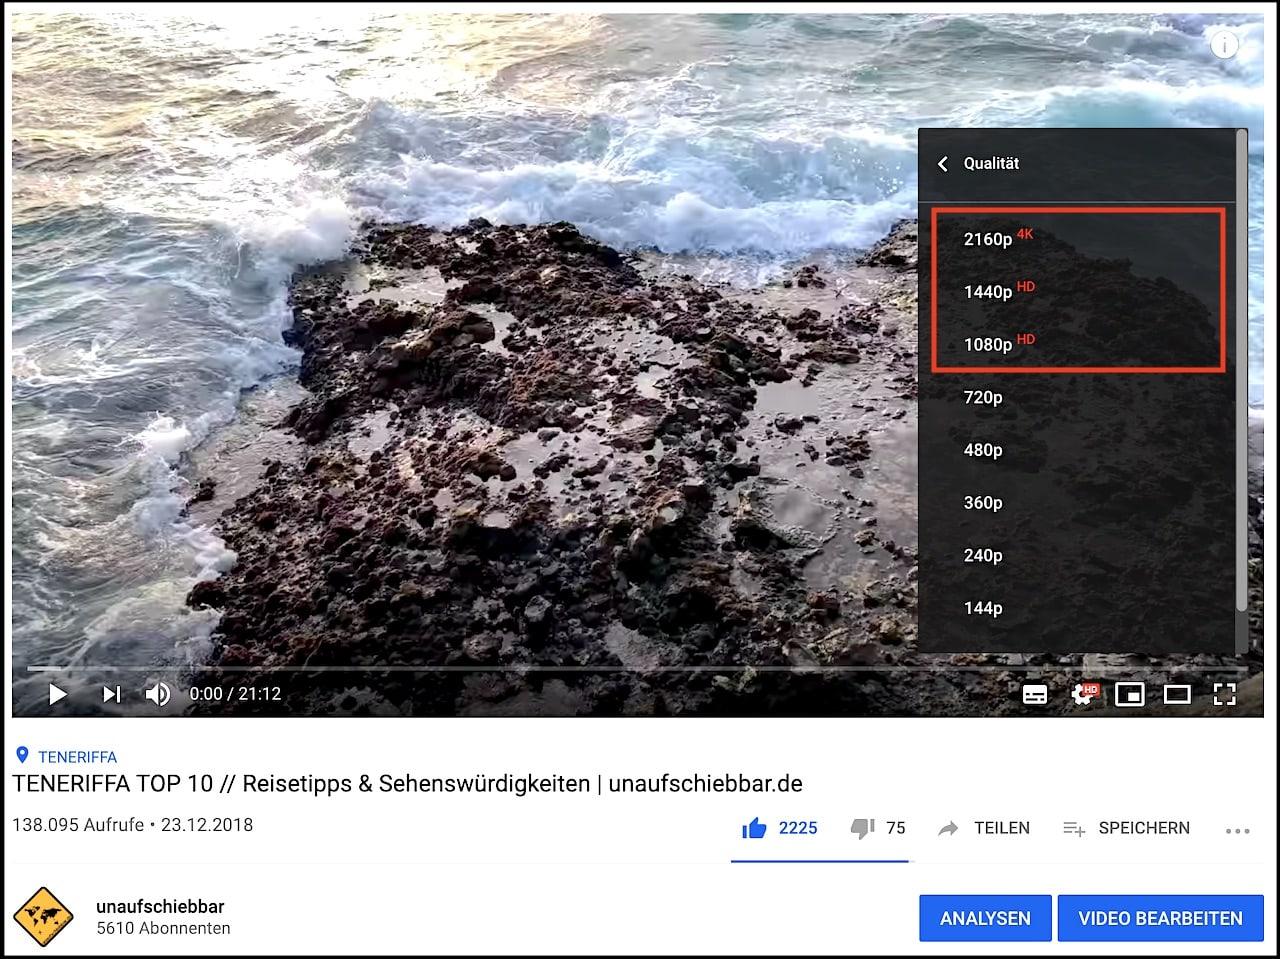 YouTube Video Qualität einstellen